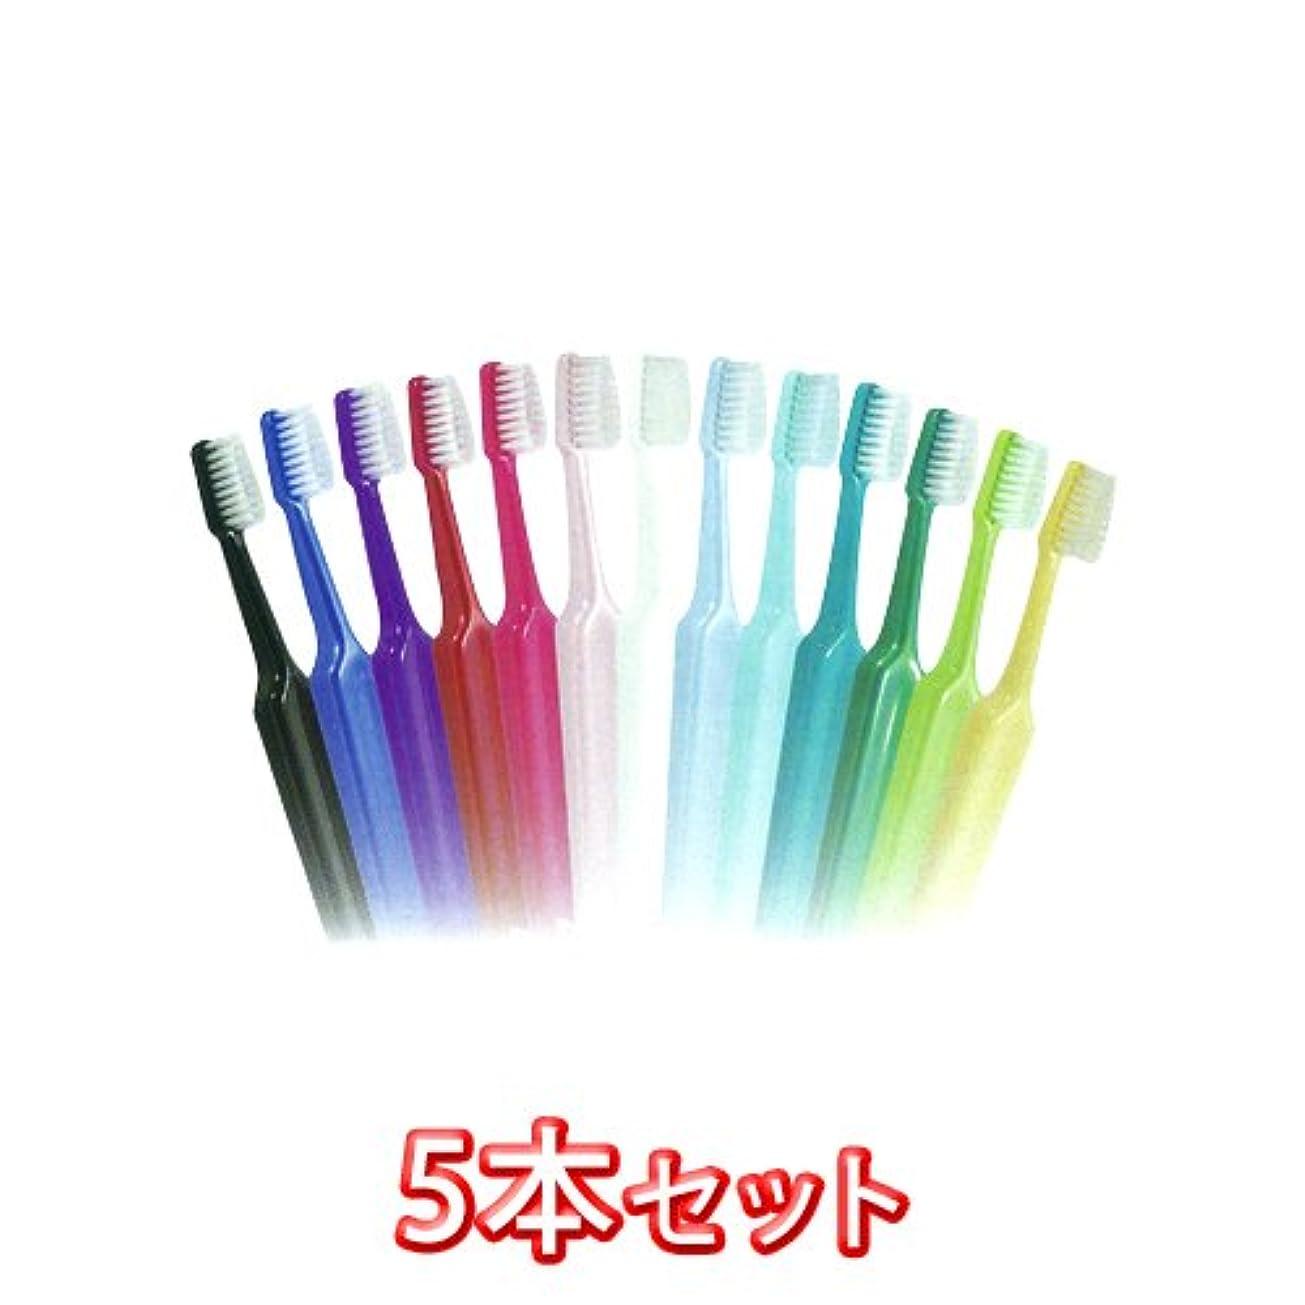 クロスフィールド TePe テペ セレクト 歯ブラシ 5本 (エクストラソフト)